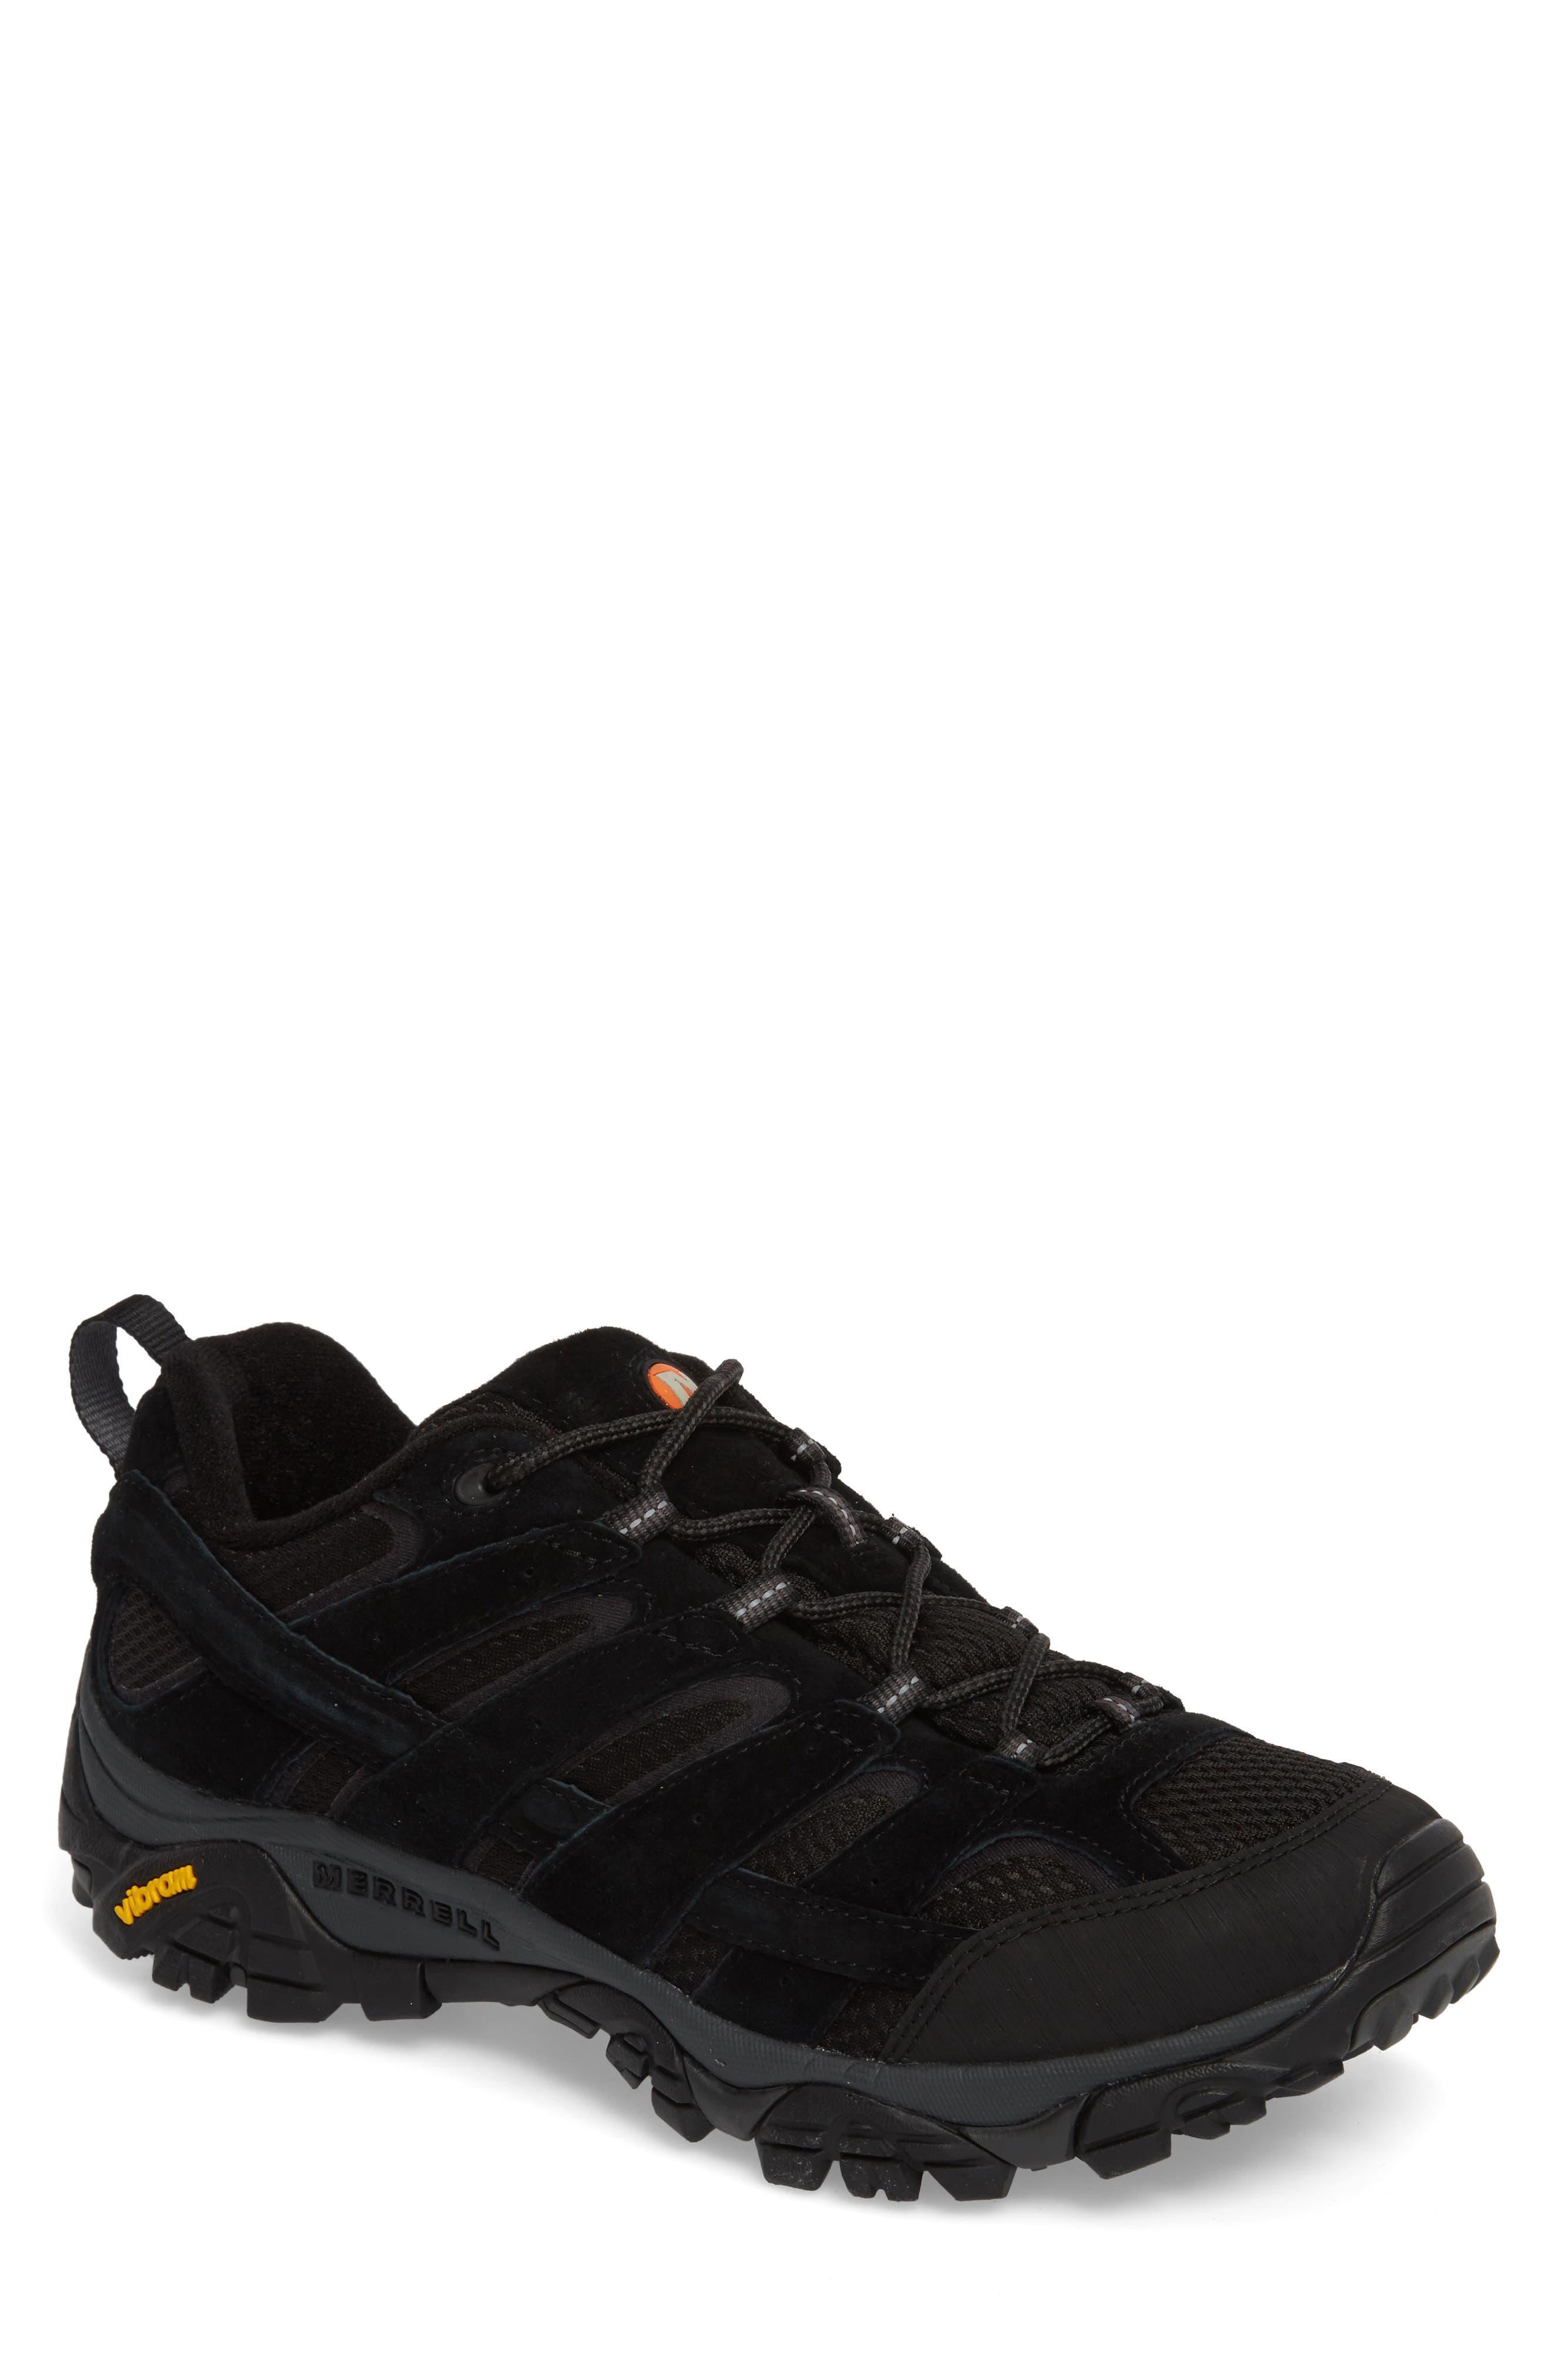 MERRELL, Moab 2 Ventilator Hiking Shoe, Main thumbnail 1, color, BLACK NIGHT